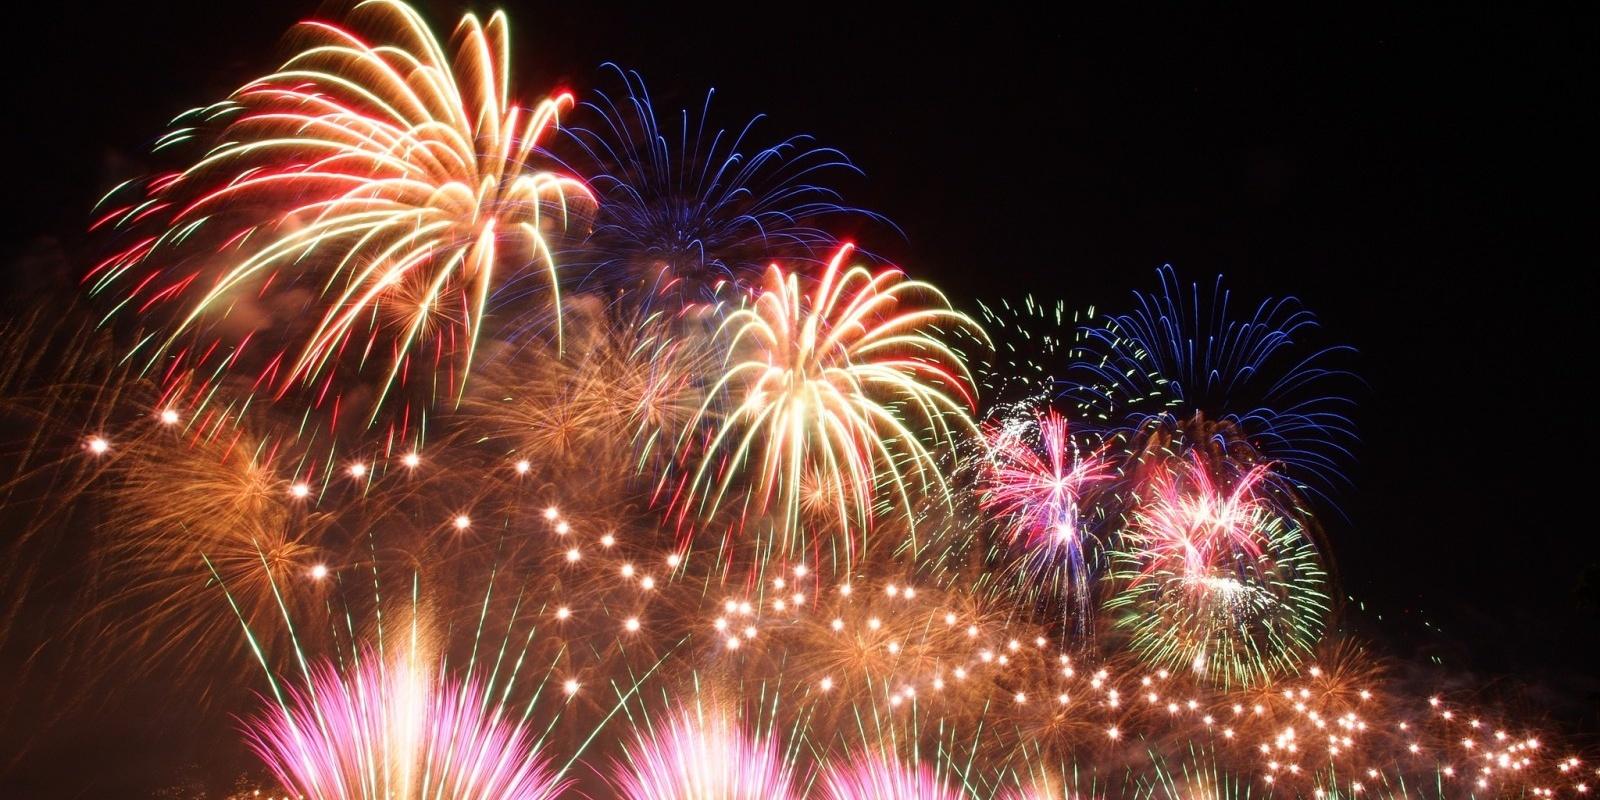 Le feste da non perdere per festeggiare capodanno 2016 a for Capodanno a milano